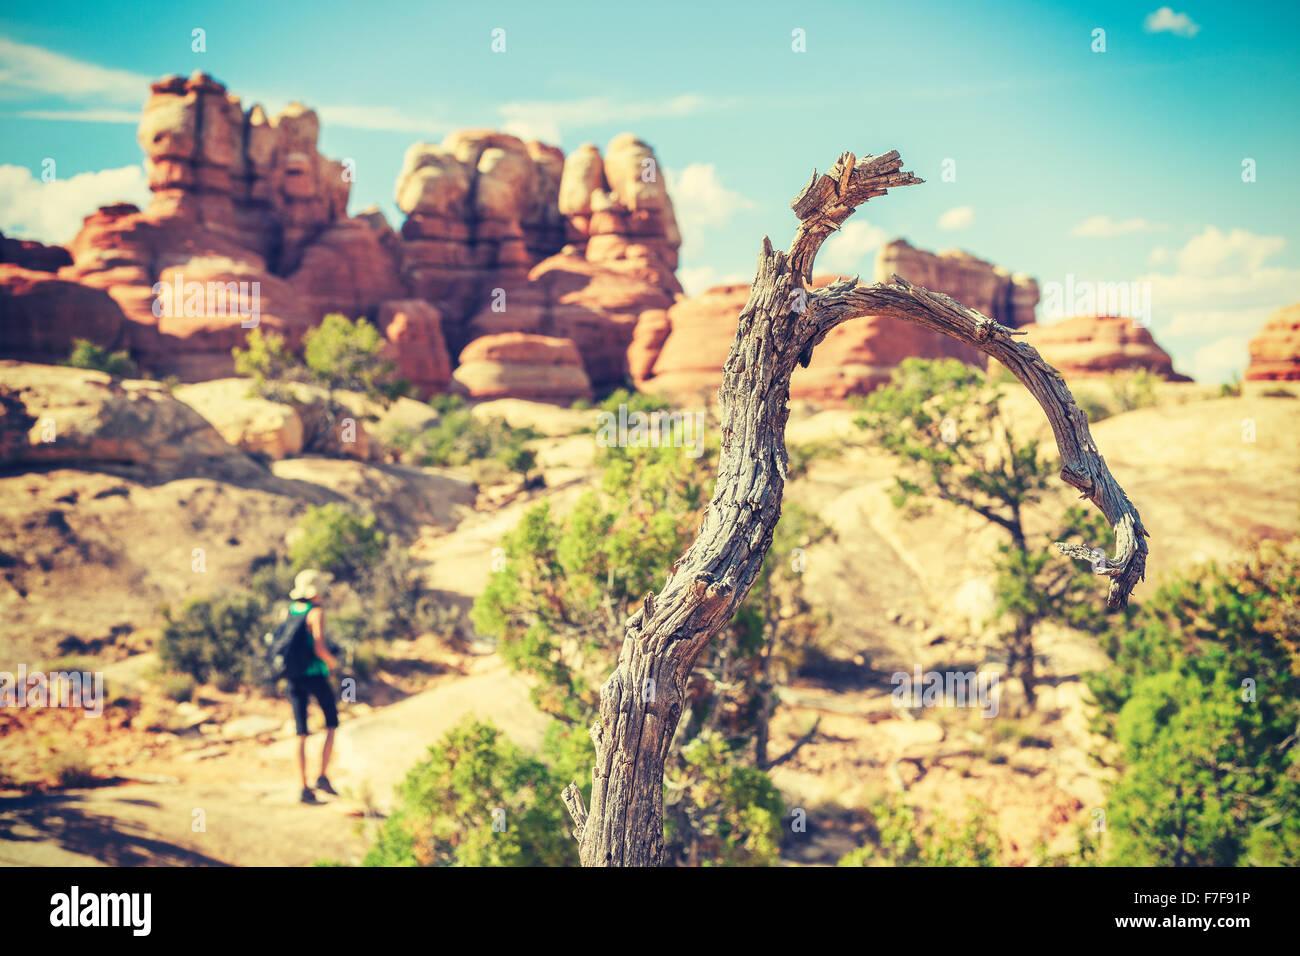 Vecchi Film stilizzata albero secco da trekking, profondità di campo. Immagini Stock